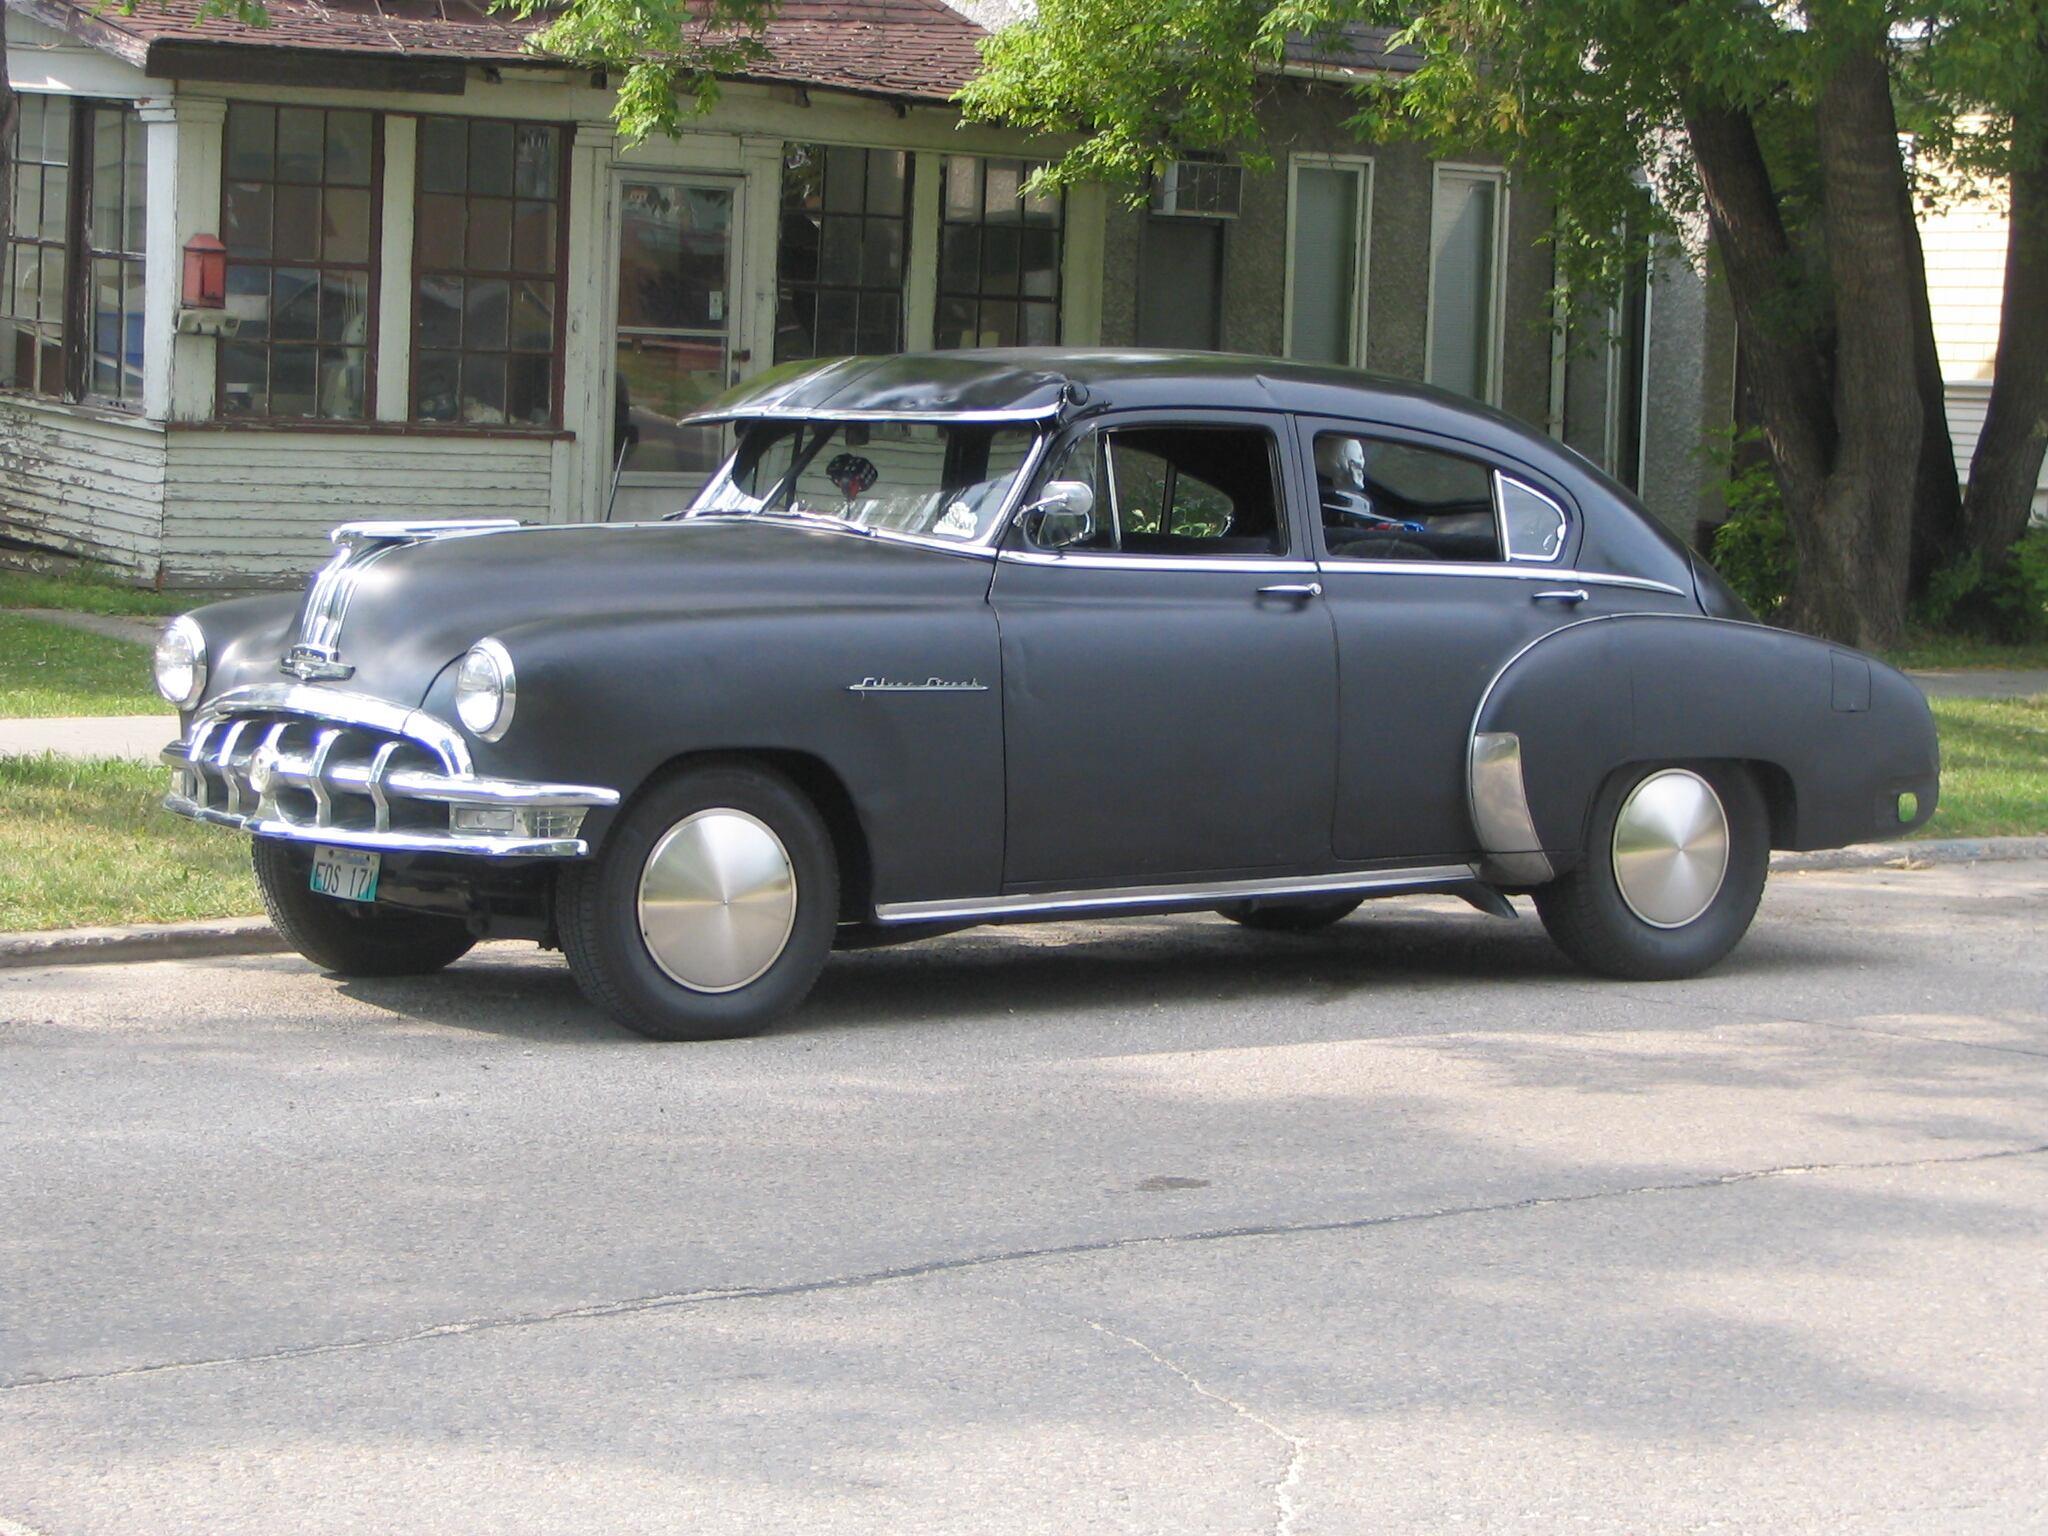 1950 - PONTIAC, SILVER STREAK